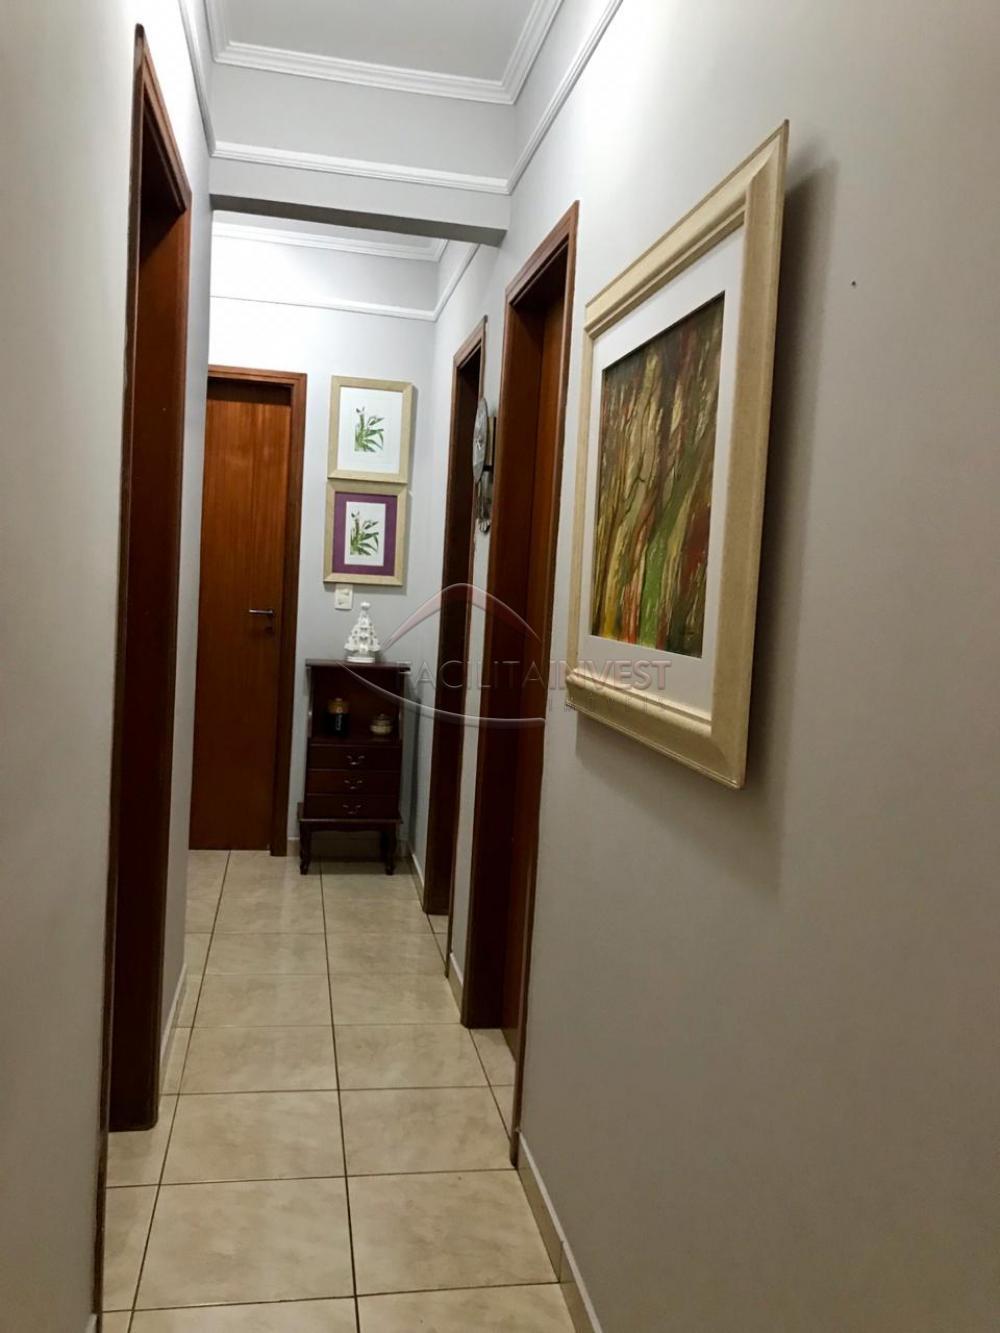 Comprar Apartamentos / Apart. Padrão em Ribeirão Preto apenas R$ 450.000,00 - Foto 12